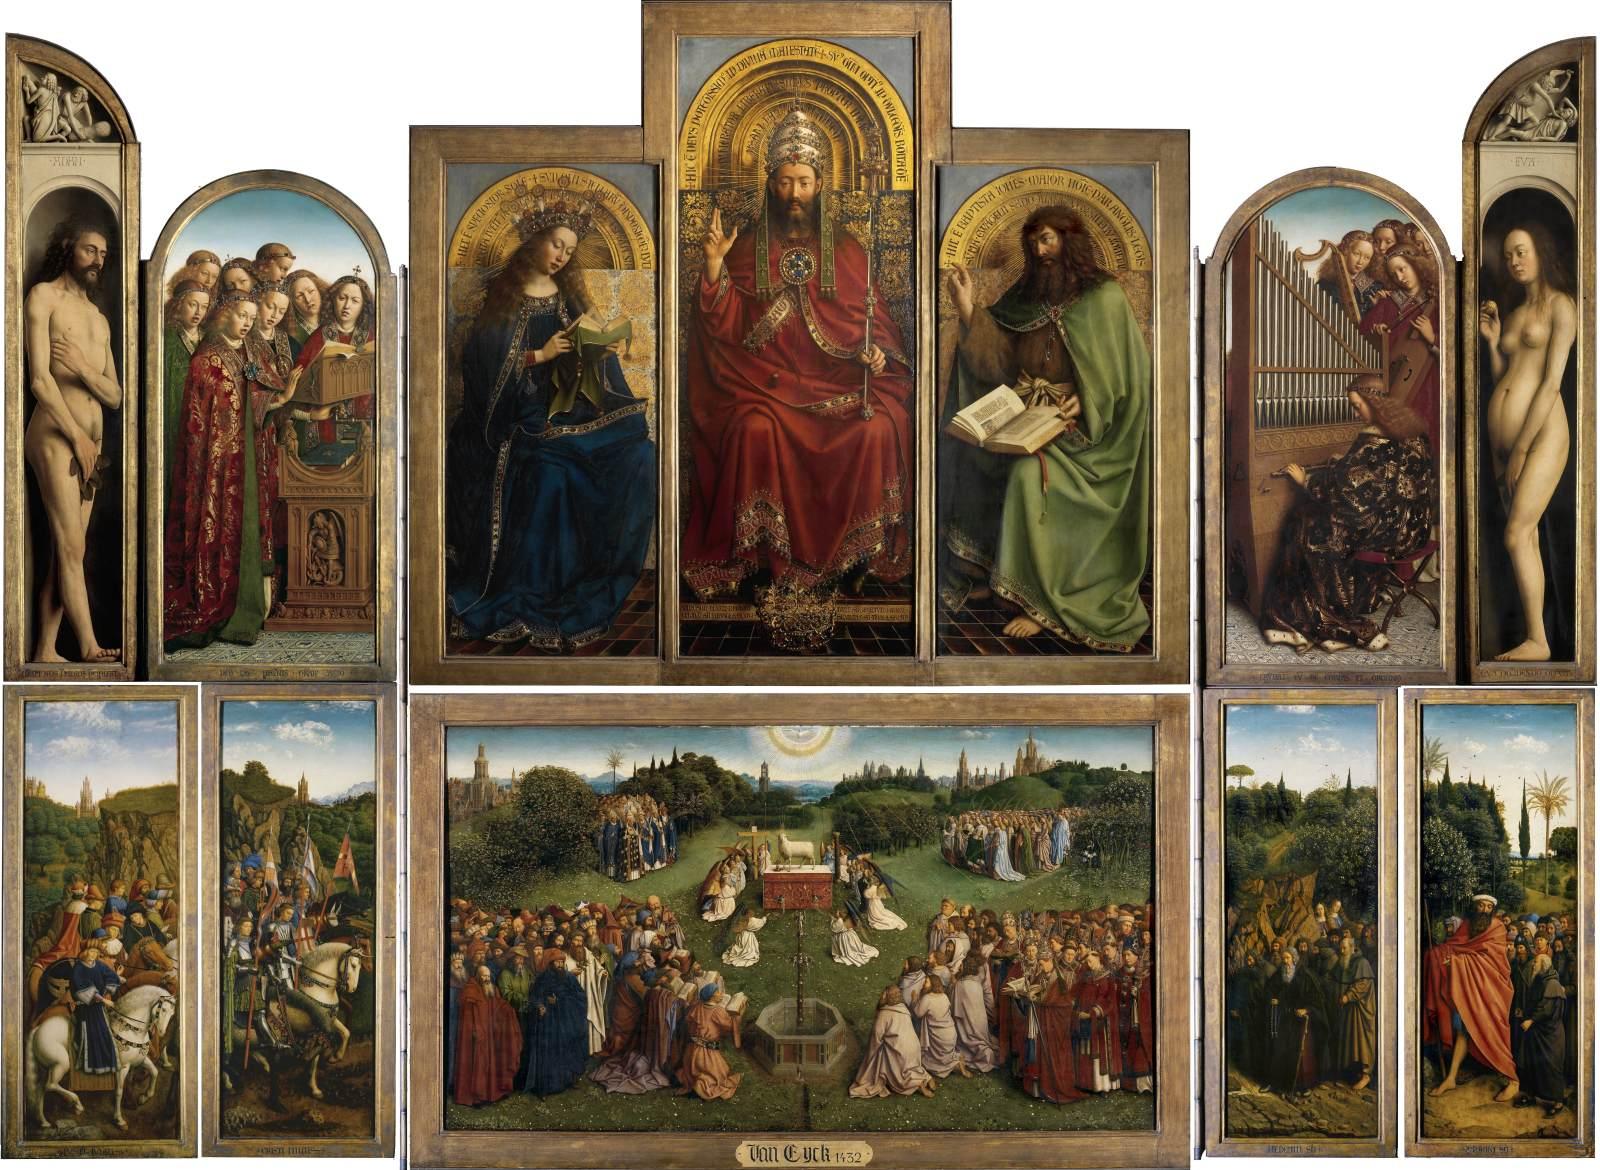 Ghent Altarpiece Lamb The Ghent Altarpiece (...